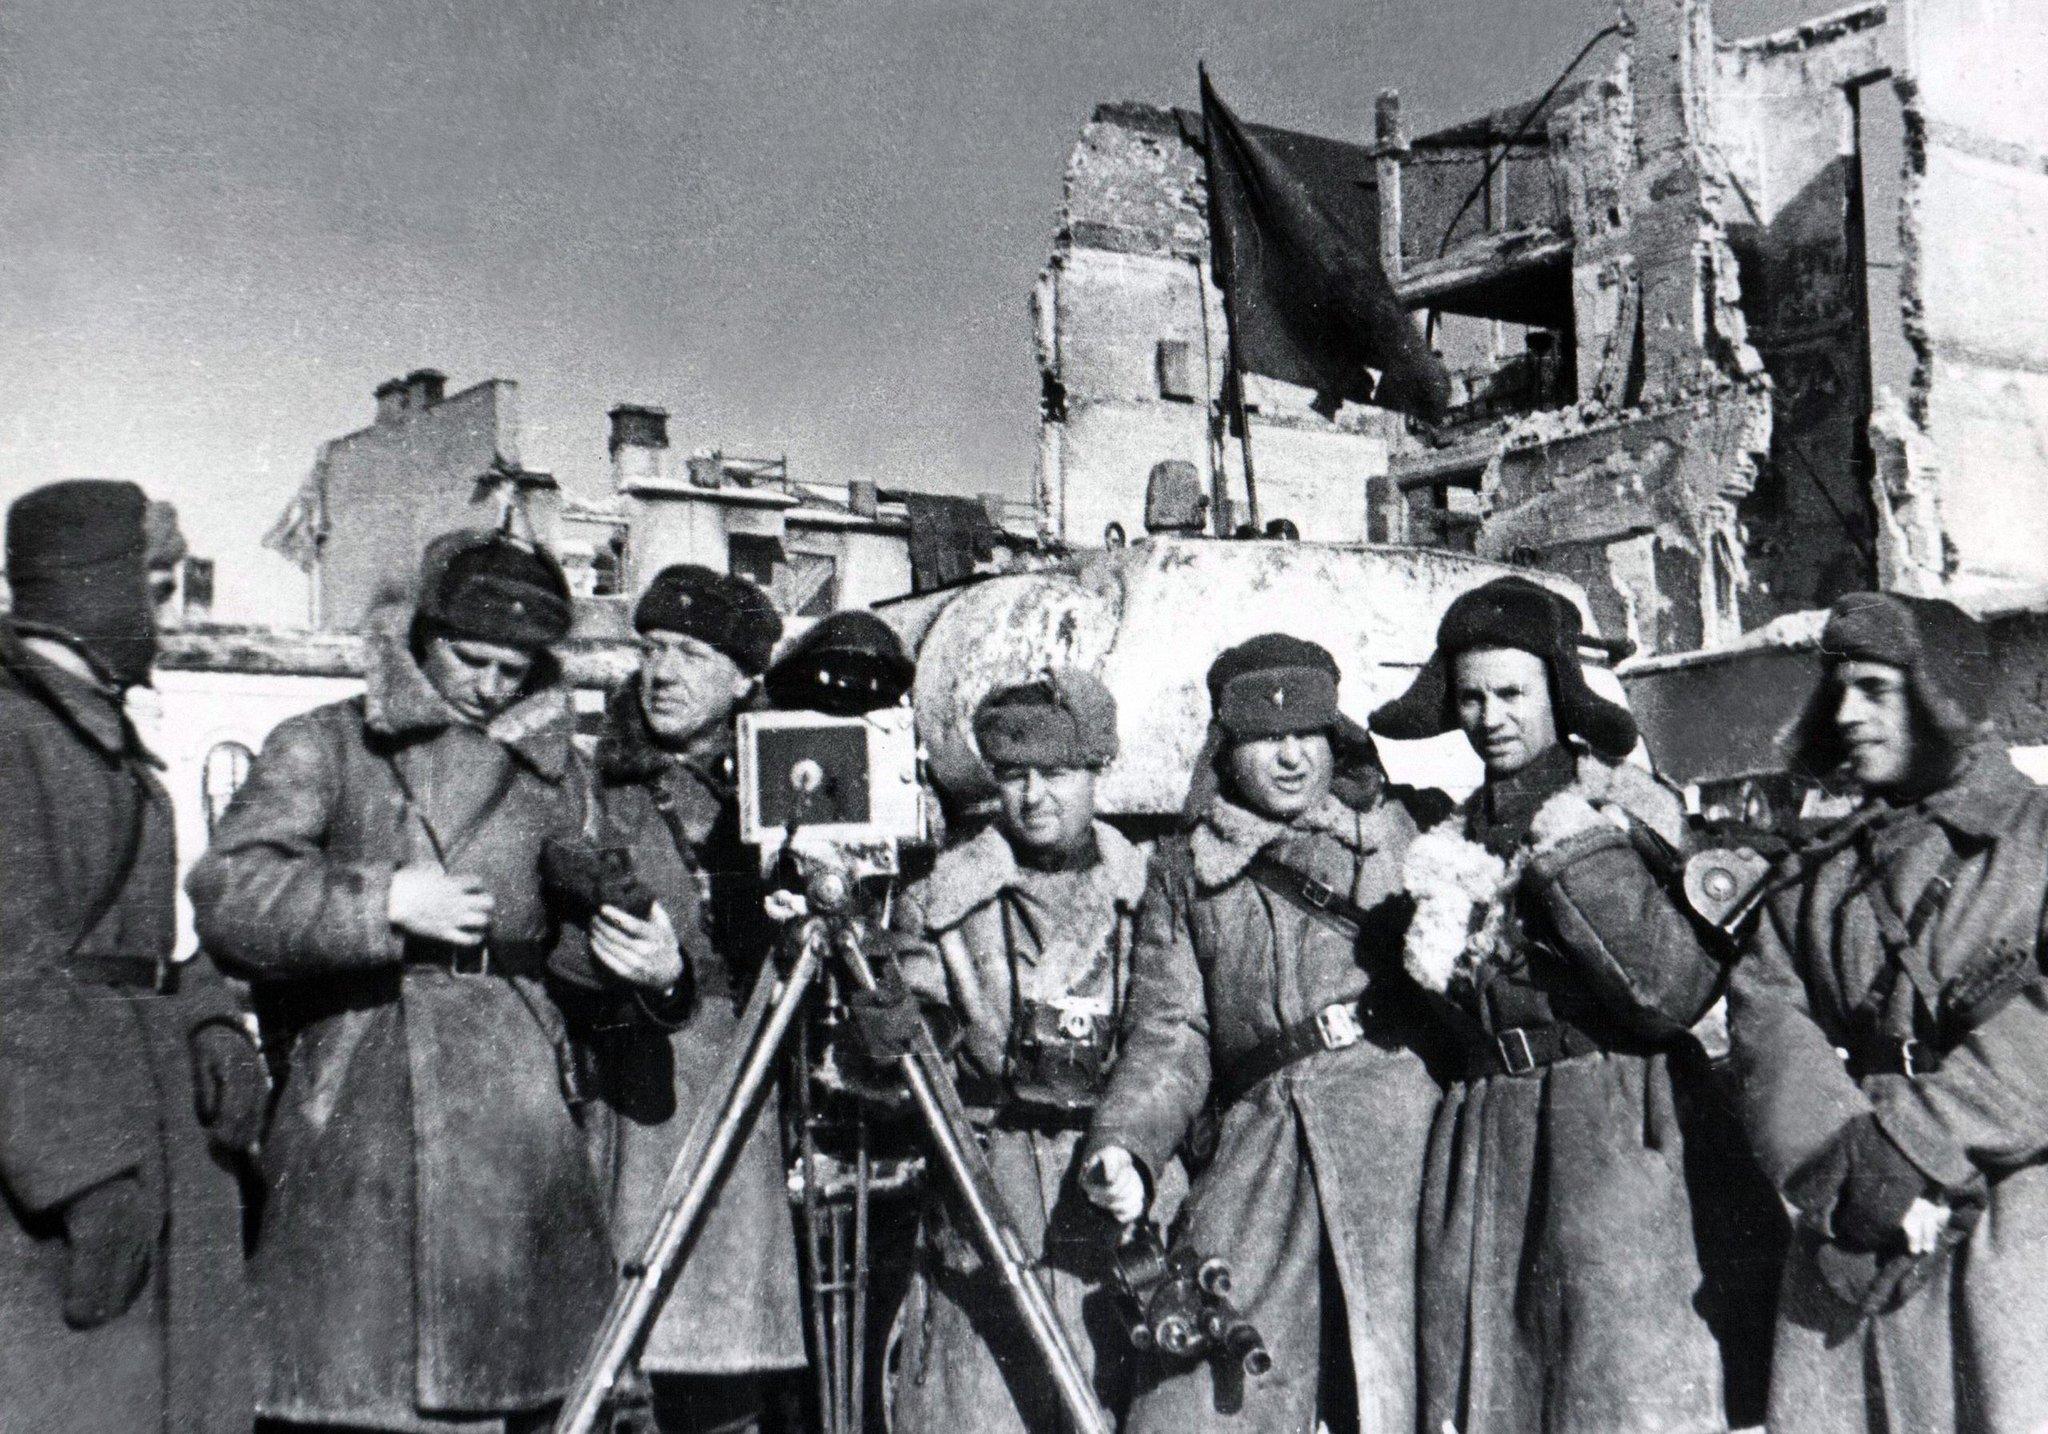 девушка фото военных корреспондентов г-образные элементы